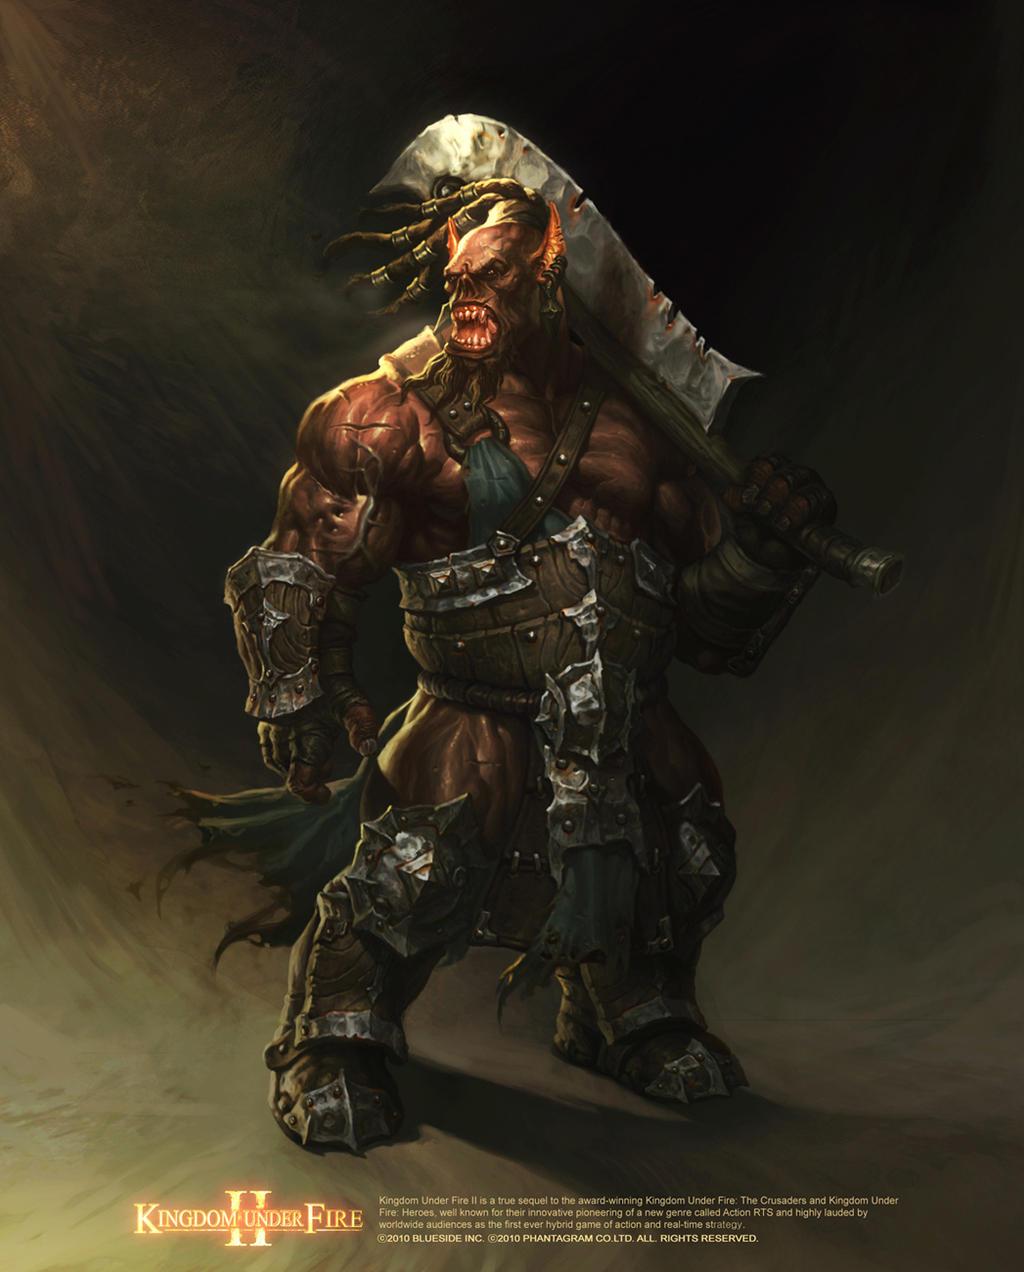 Talisman of Kingdom under fire II